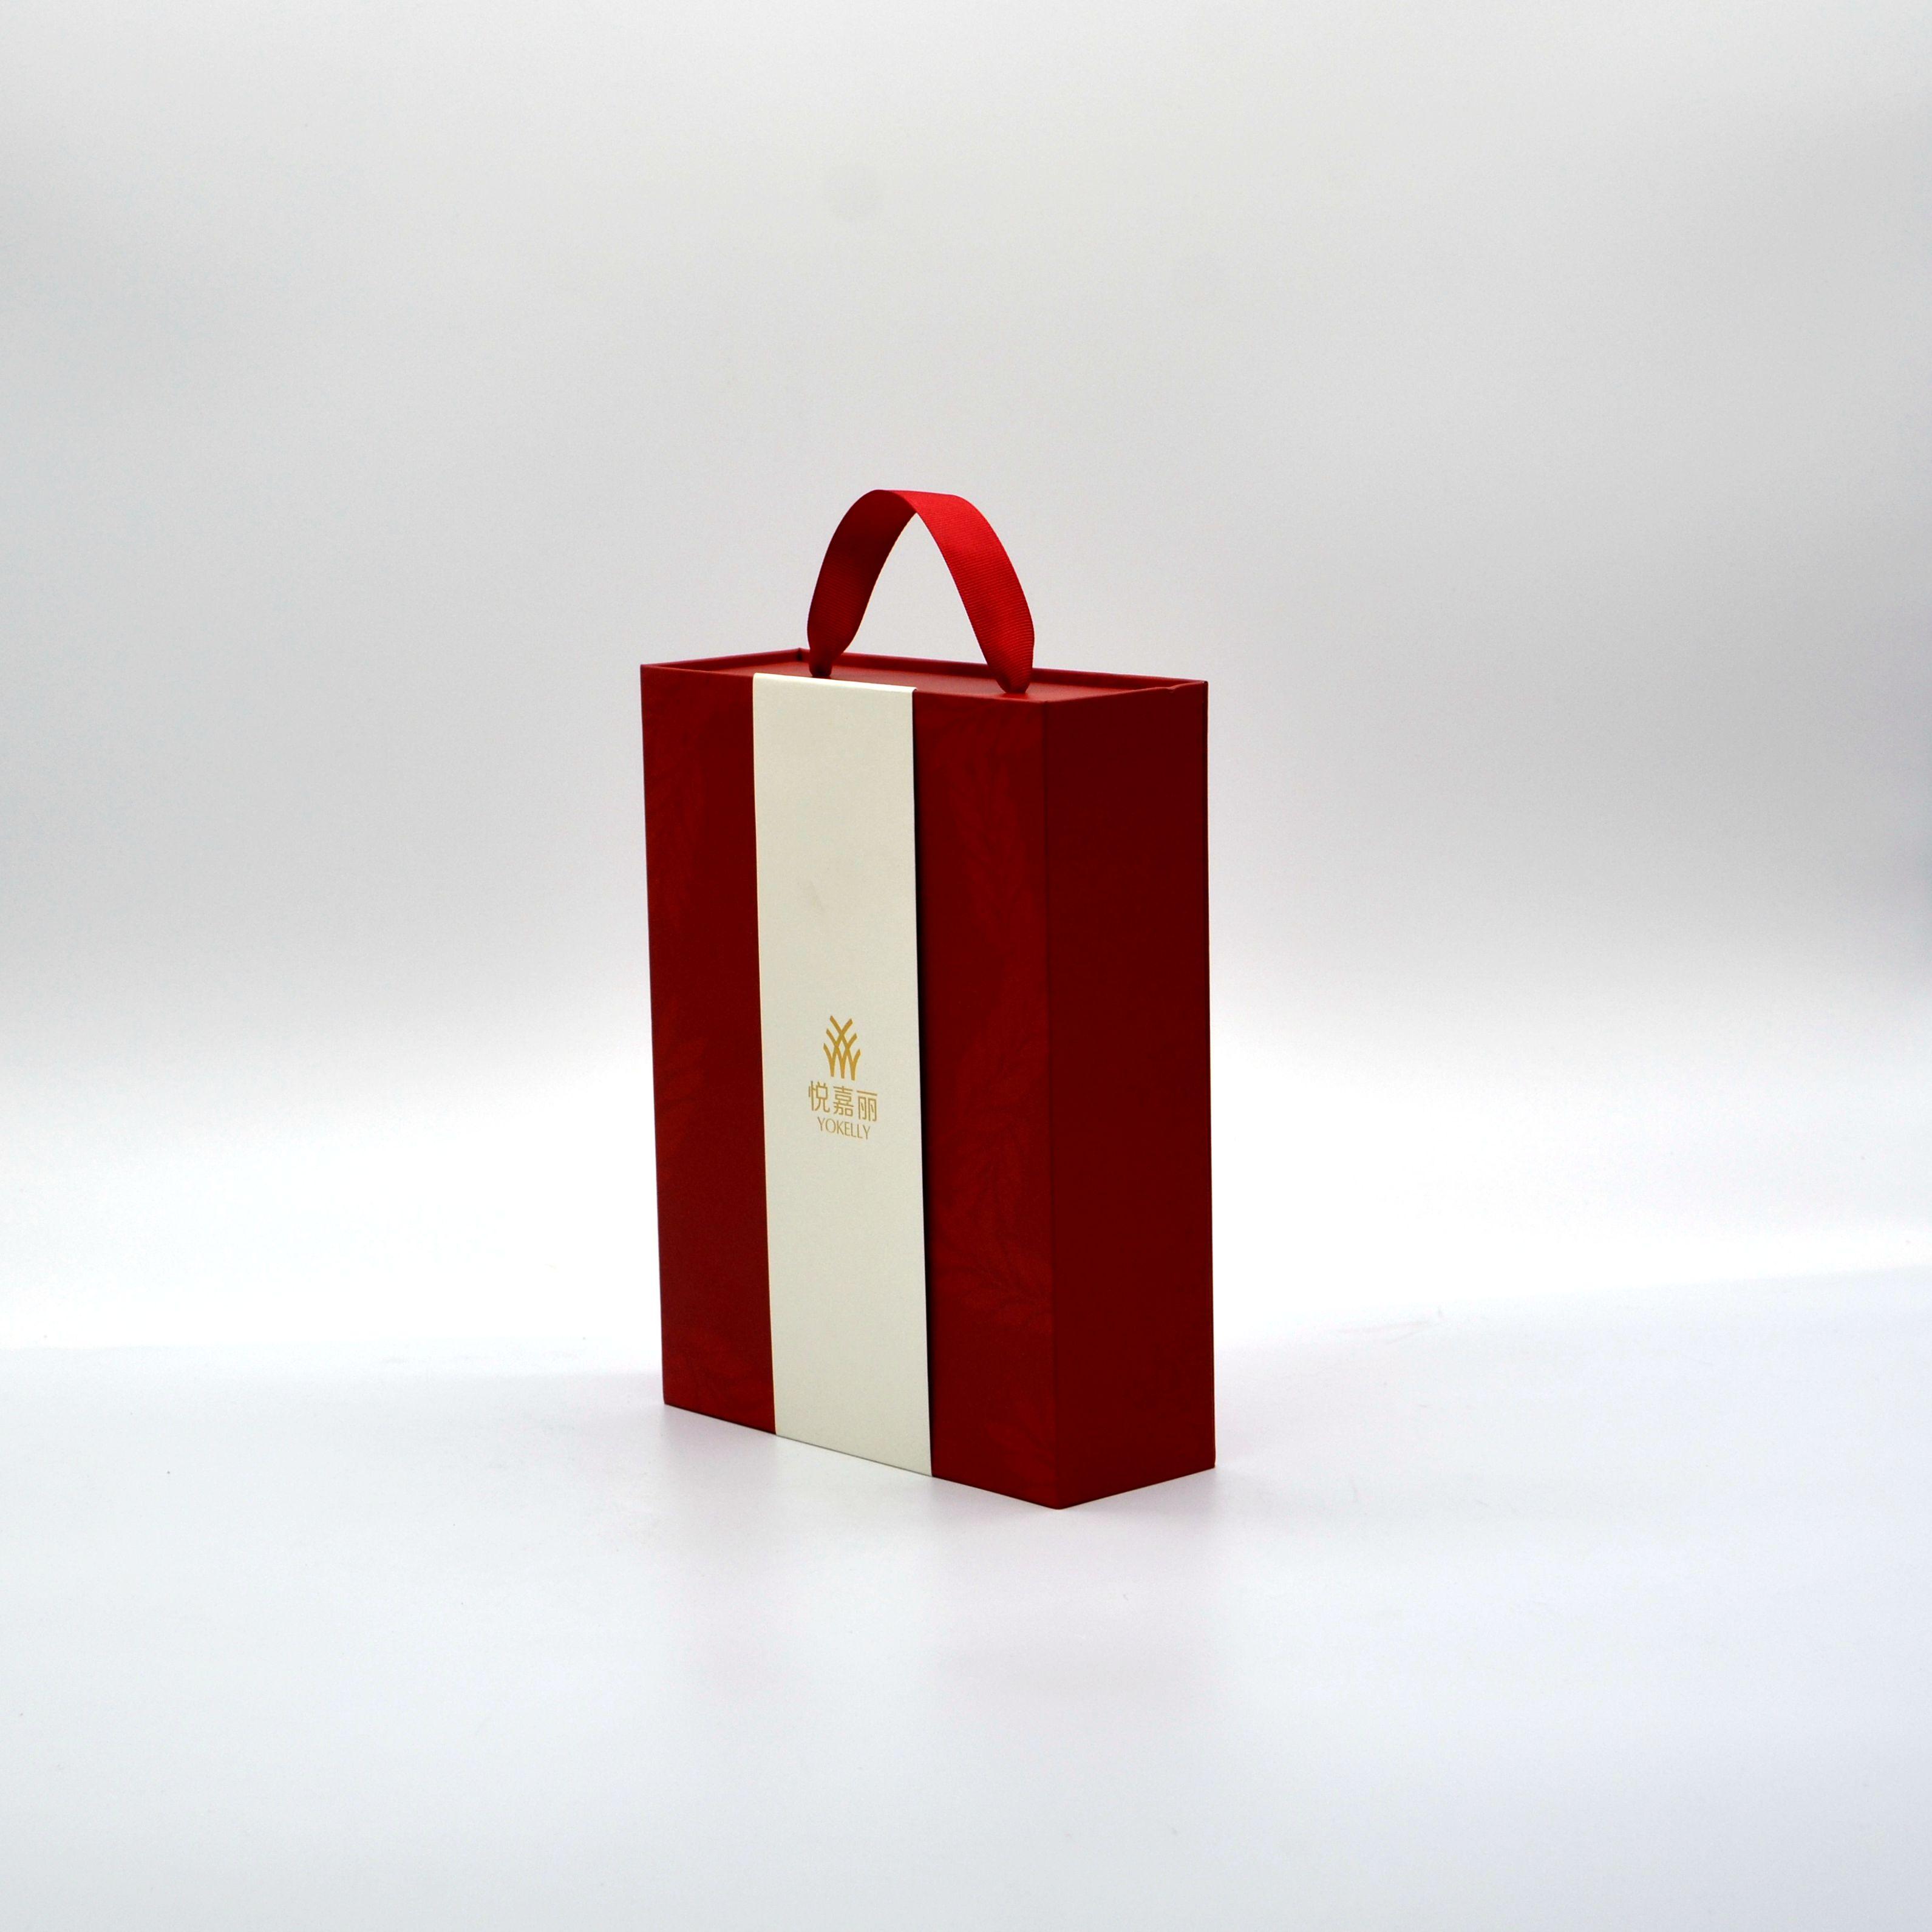 礼品盒包装印刷厂家定制红色礼盒